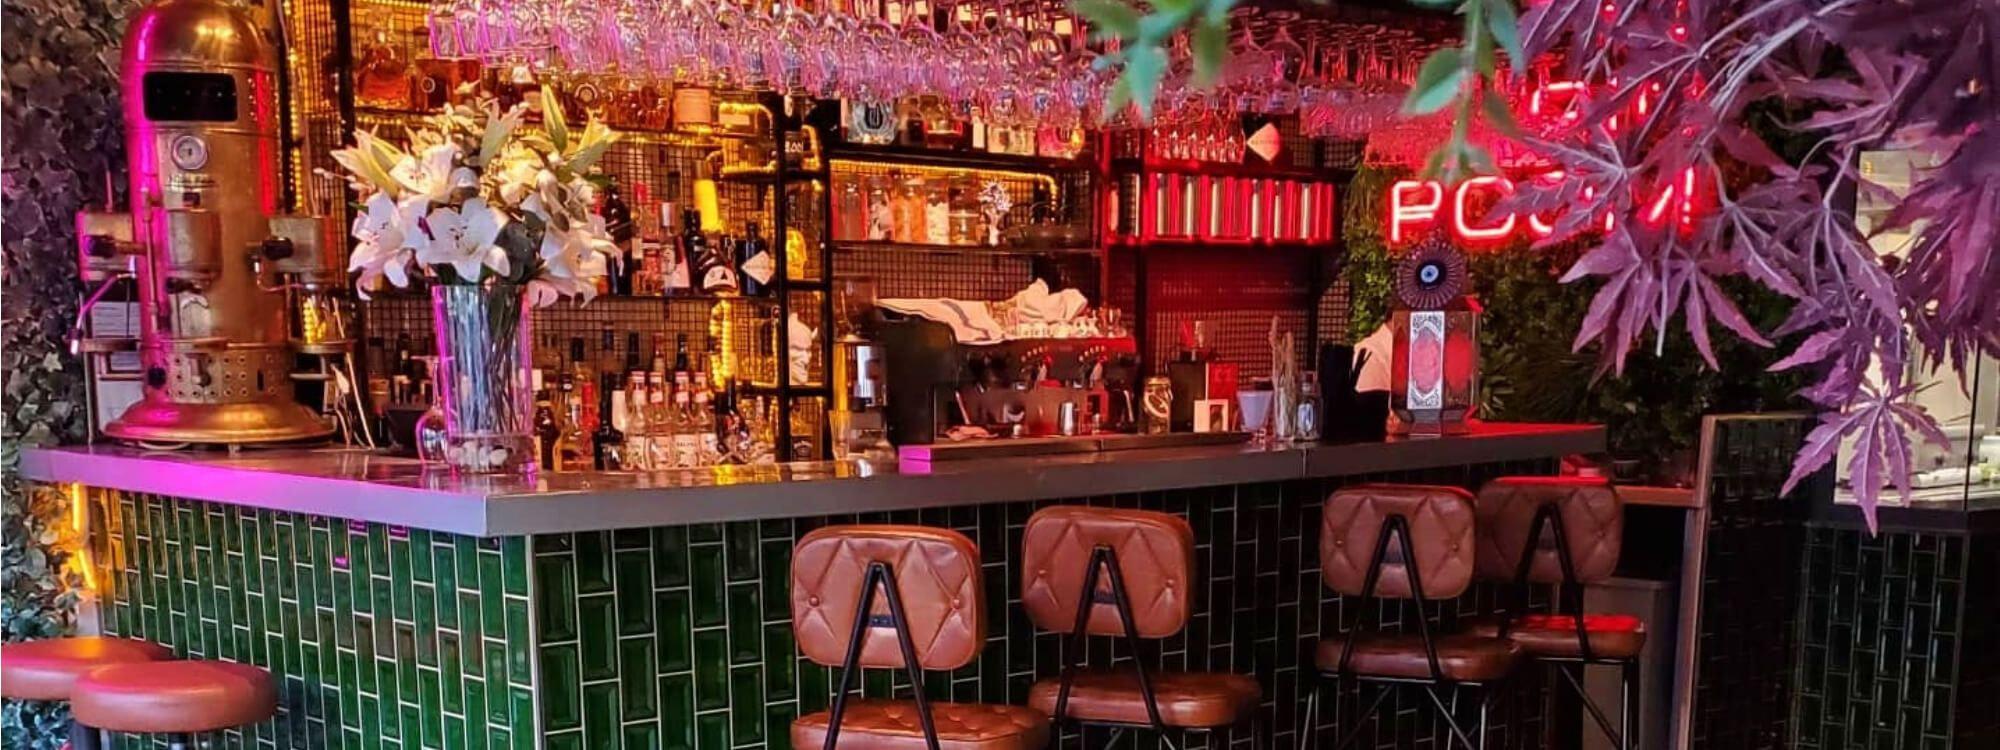 Santorini Bar & Grill